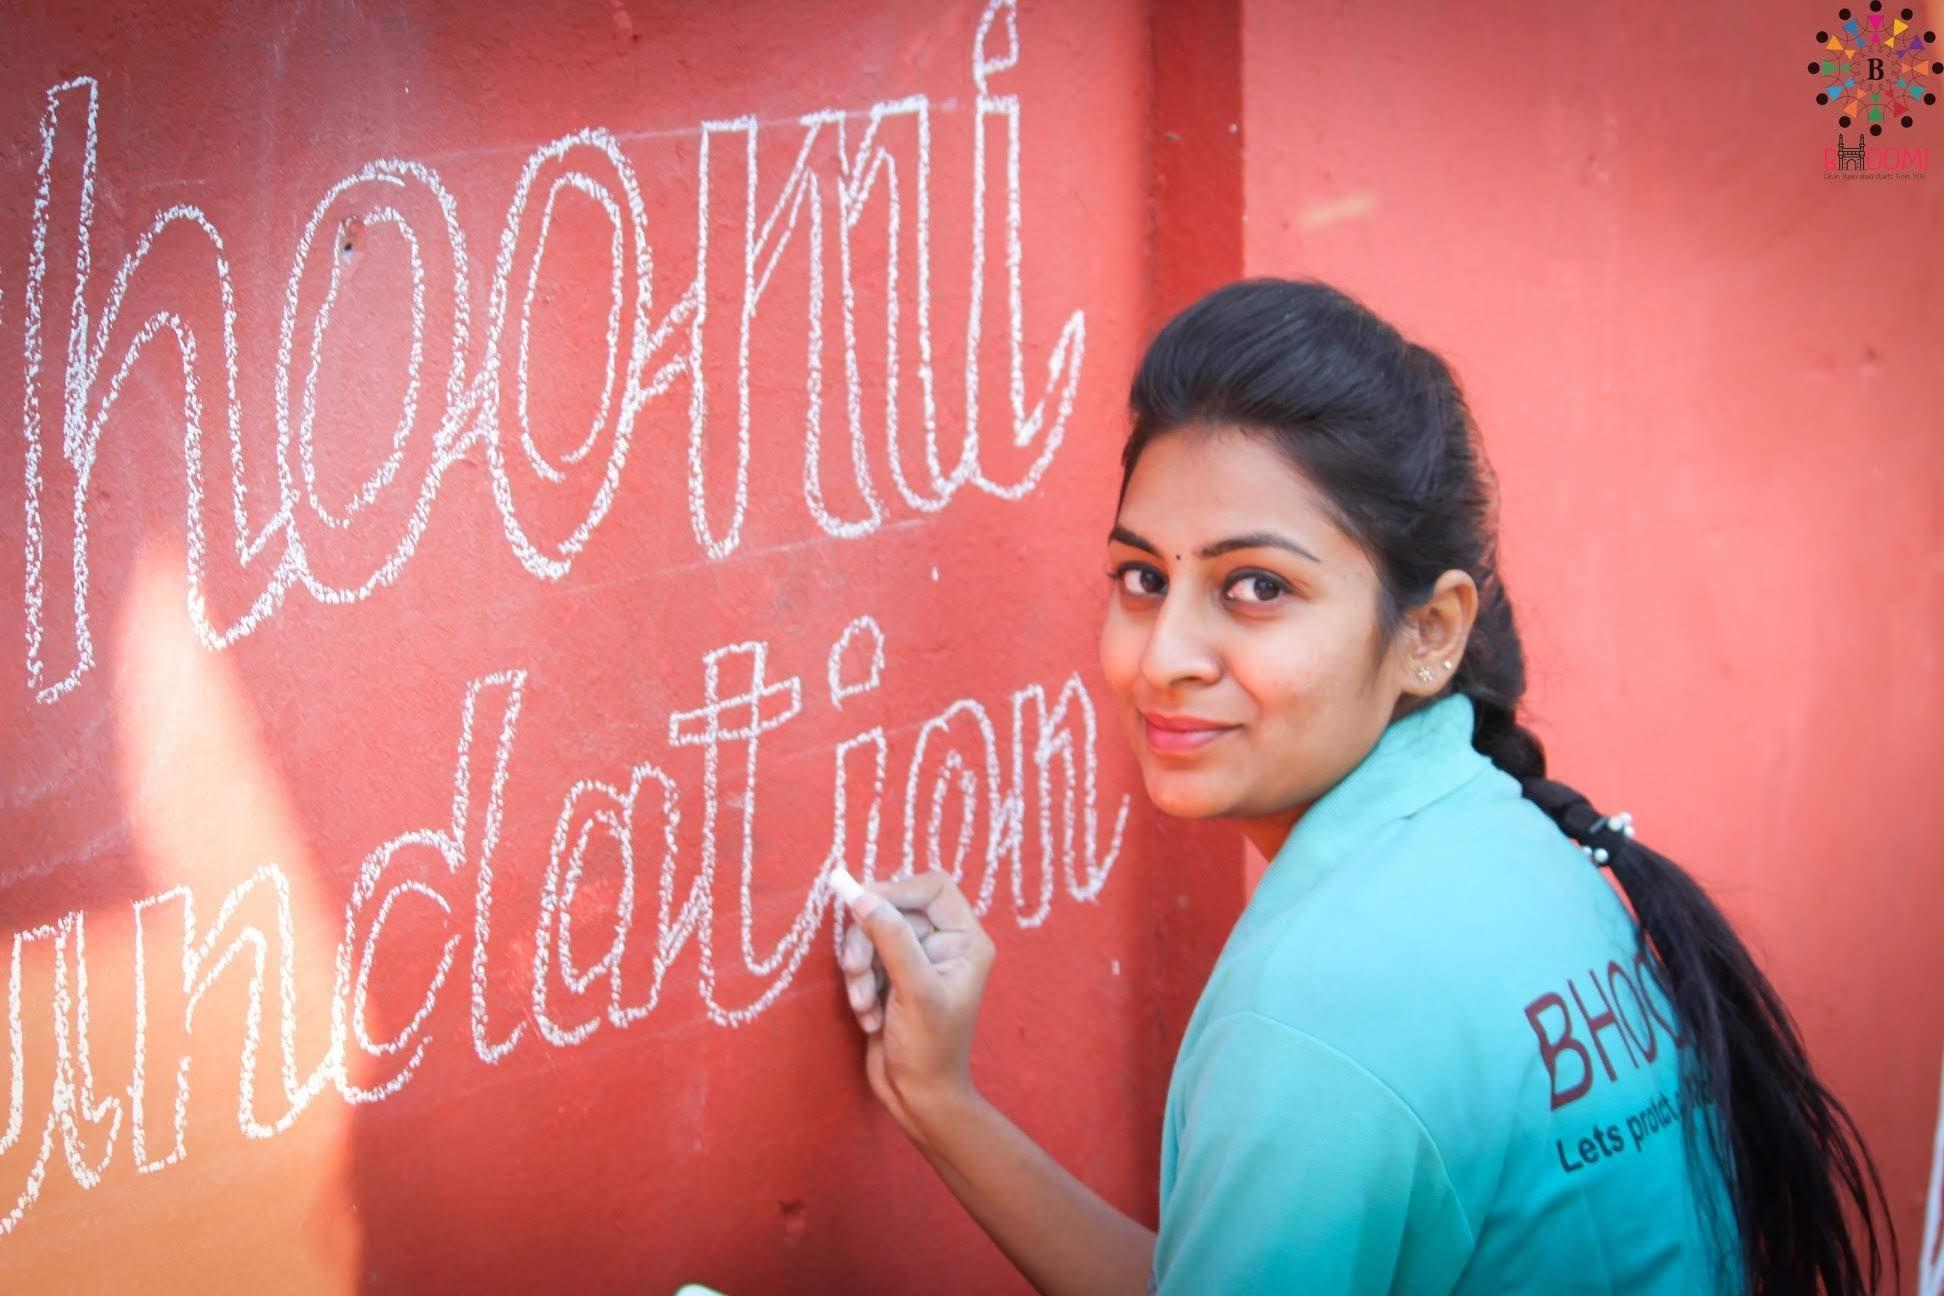 Tejaswi Podapati (Source: Bhoomi Foundation)